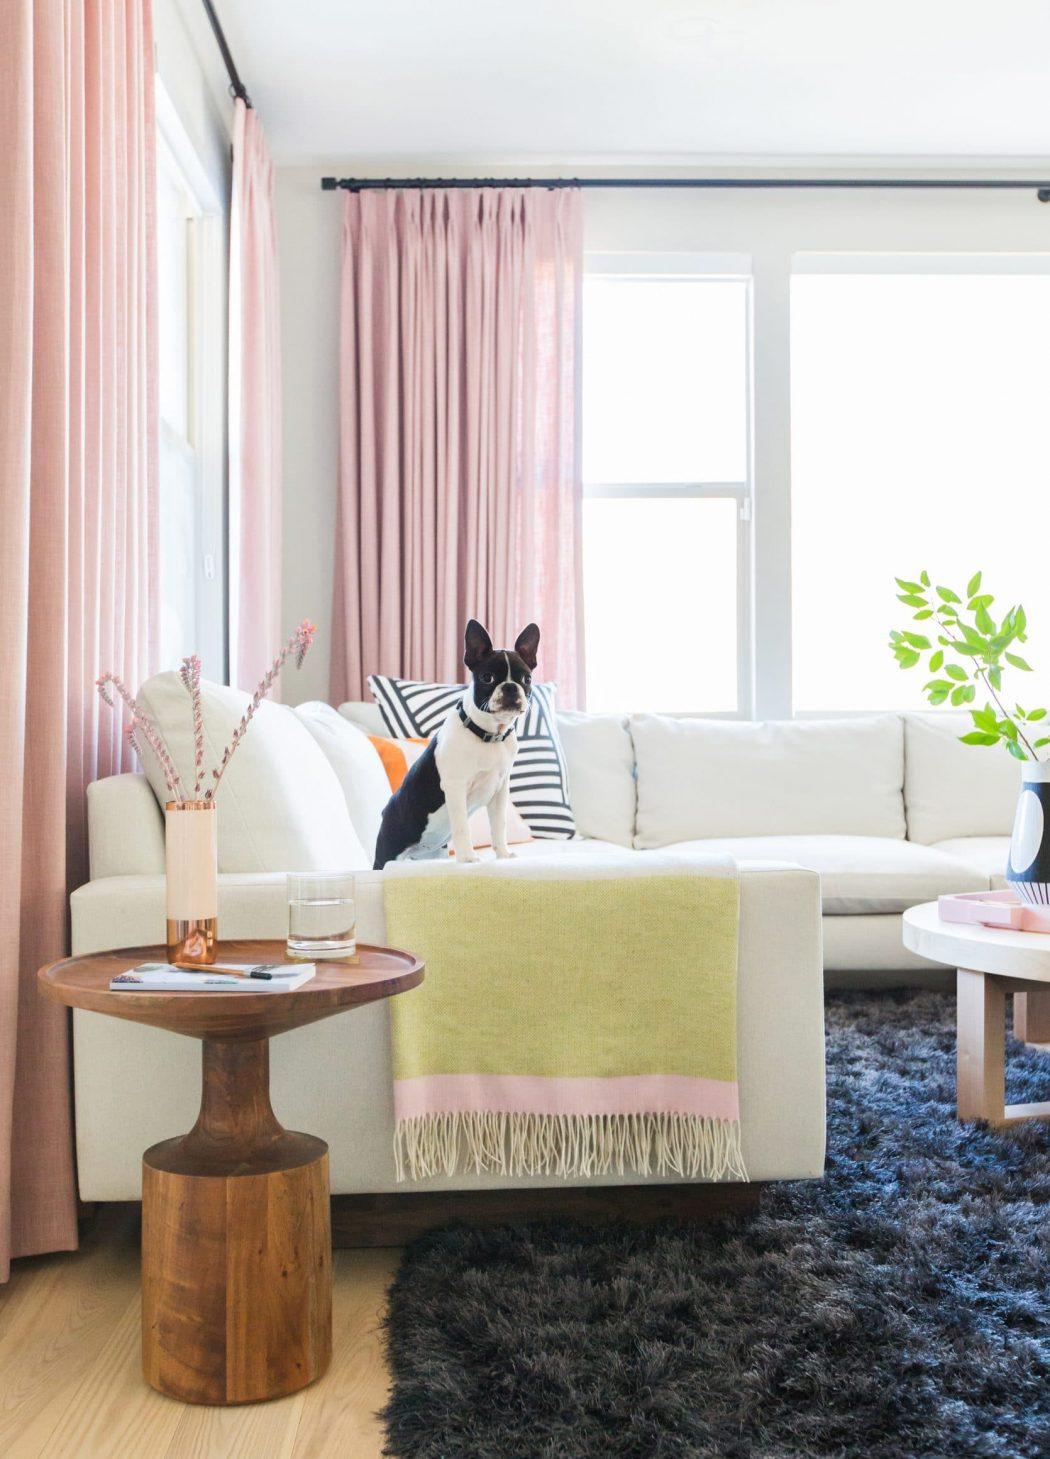 راهکارهای ست کردن پرده و فرش در دکوراسیون منزل